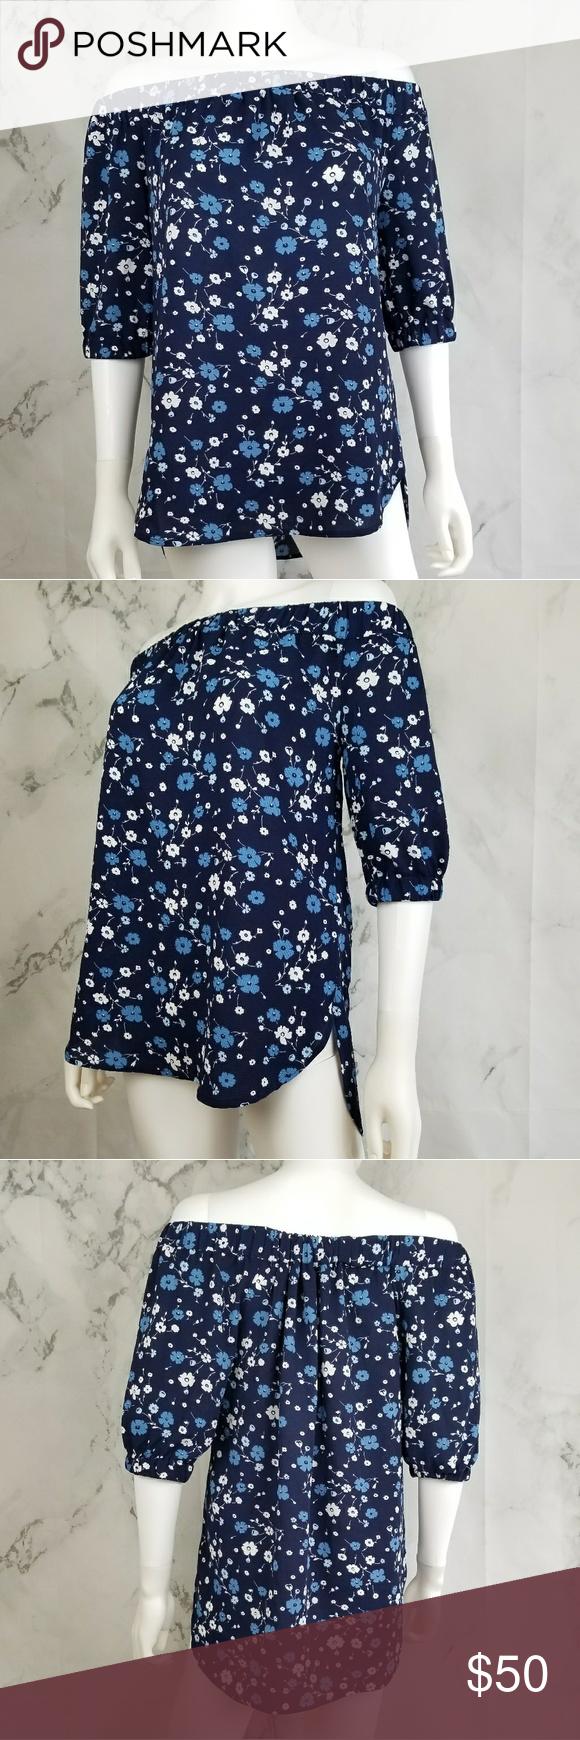 21f21ddf96861 NWOT Michael Kors off shoulder blueberry blouse Floral print off shoulder  blouse. 98% polyester 2% elastane Michael Kors Tops Blouses